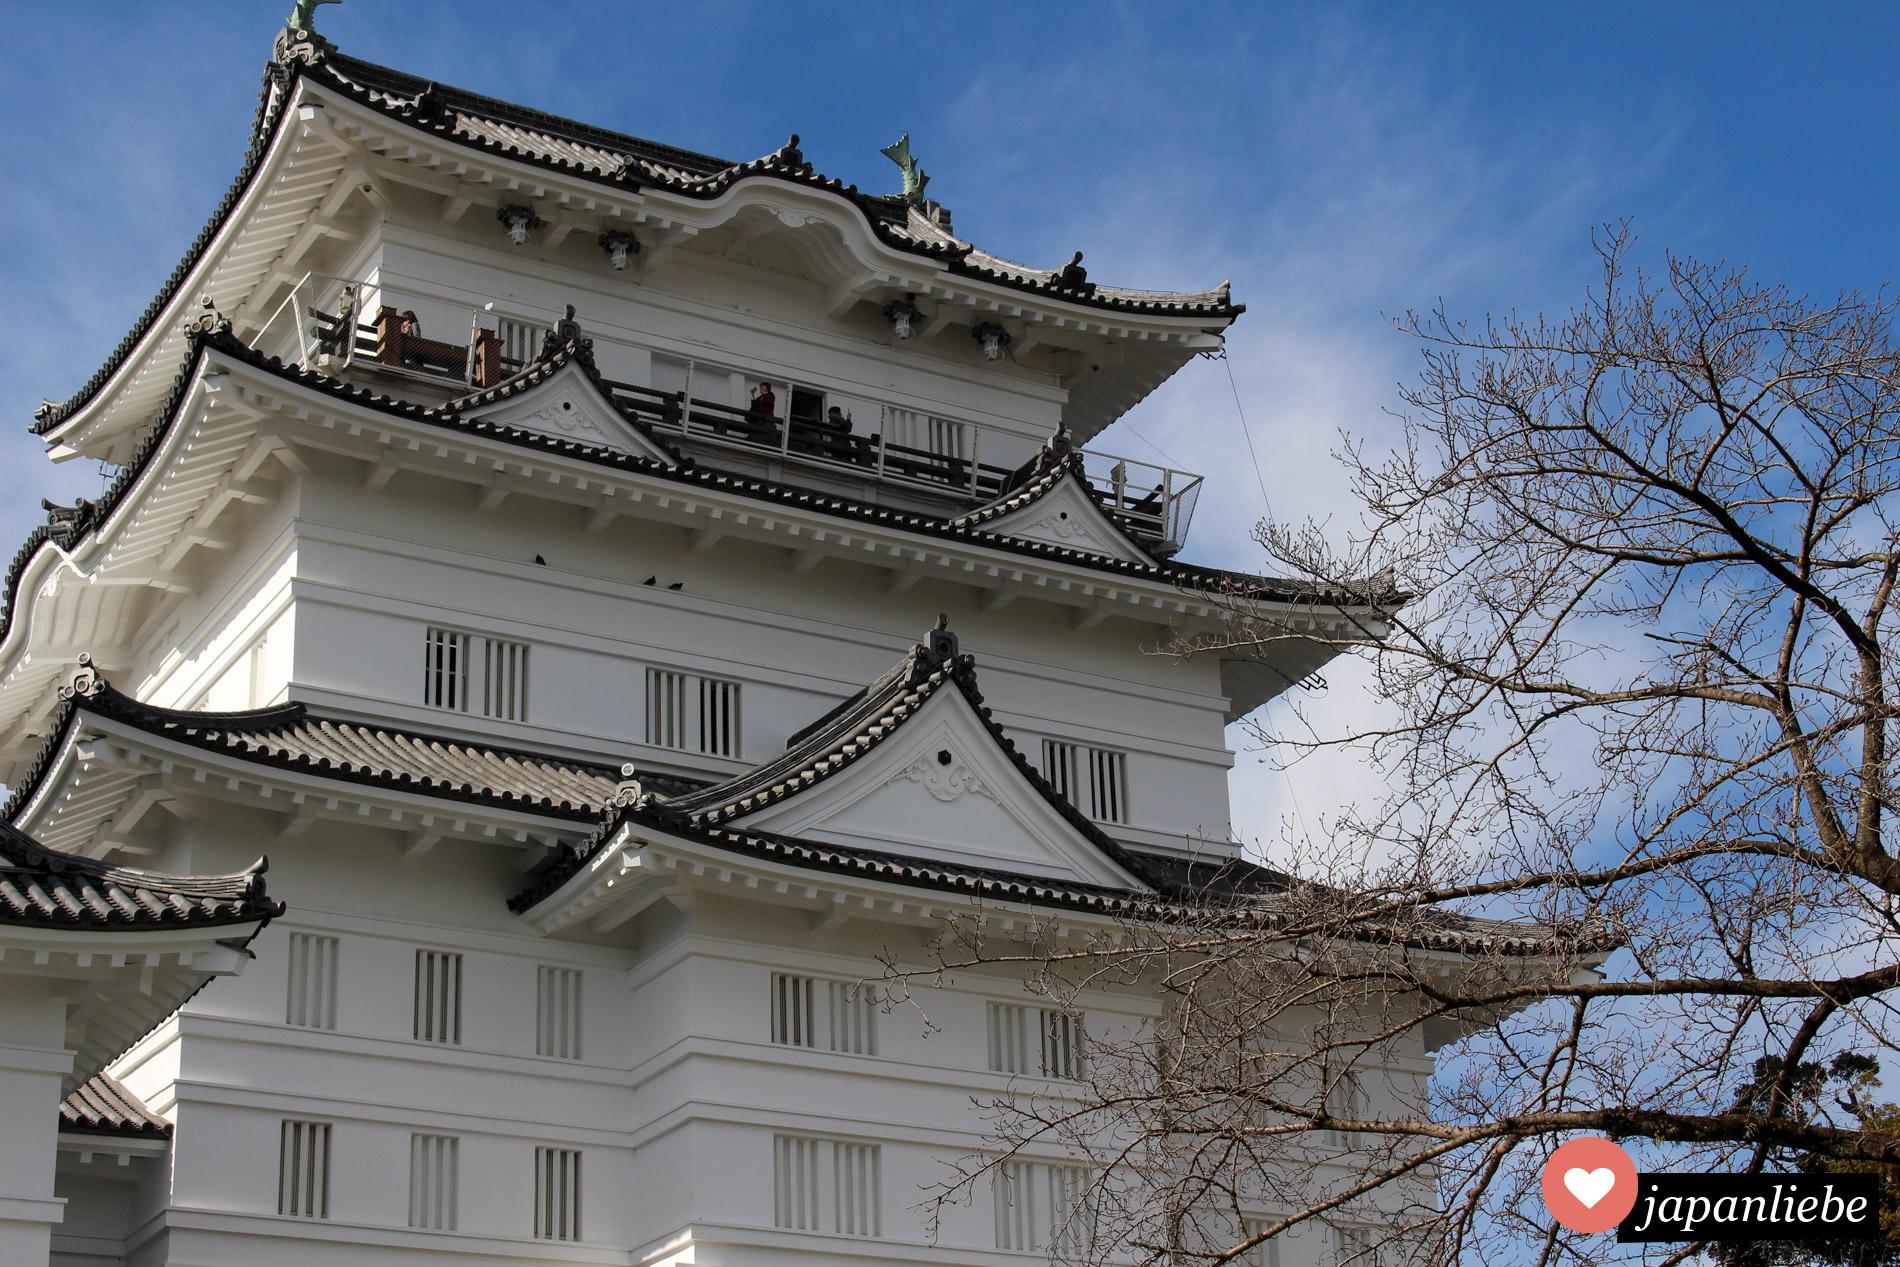 Die Burg in Odawara sehen die meisten nur beim Vorbeifahren vom Fenster des Shinkansen aus.